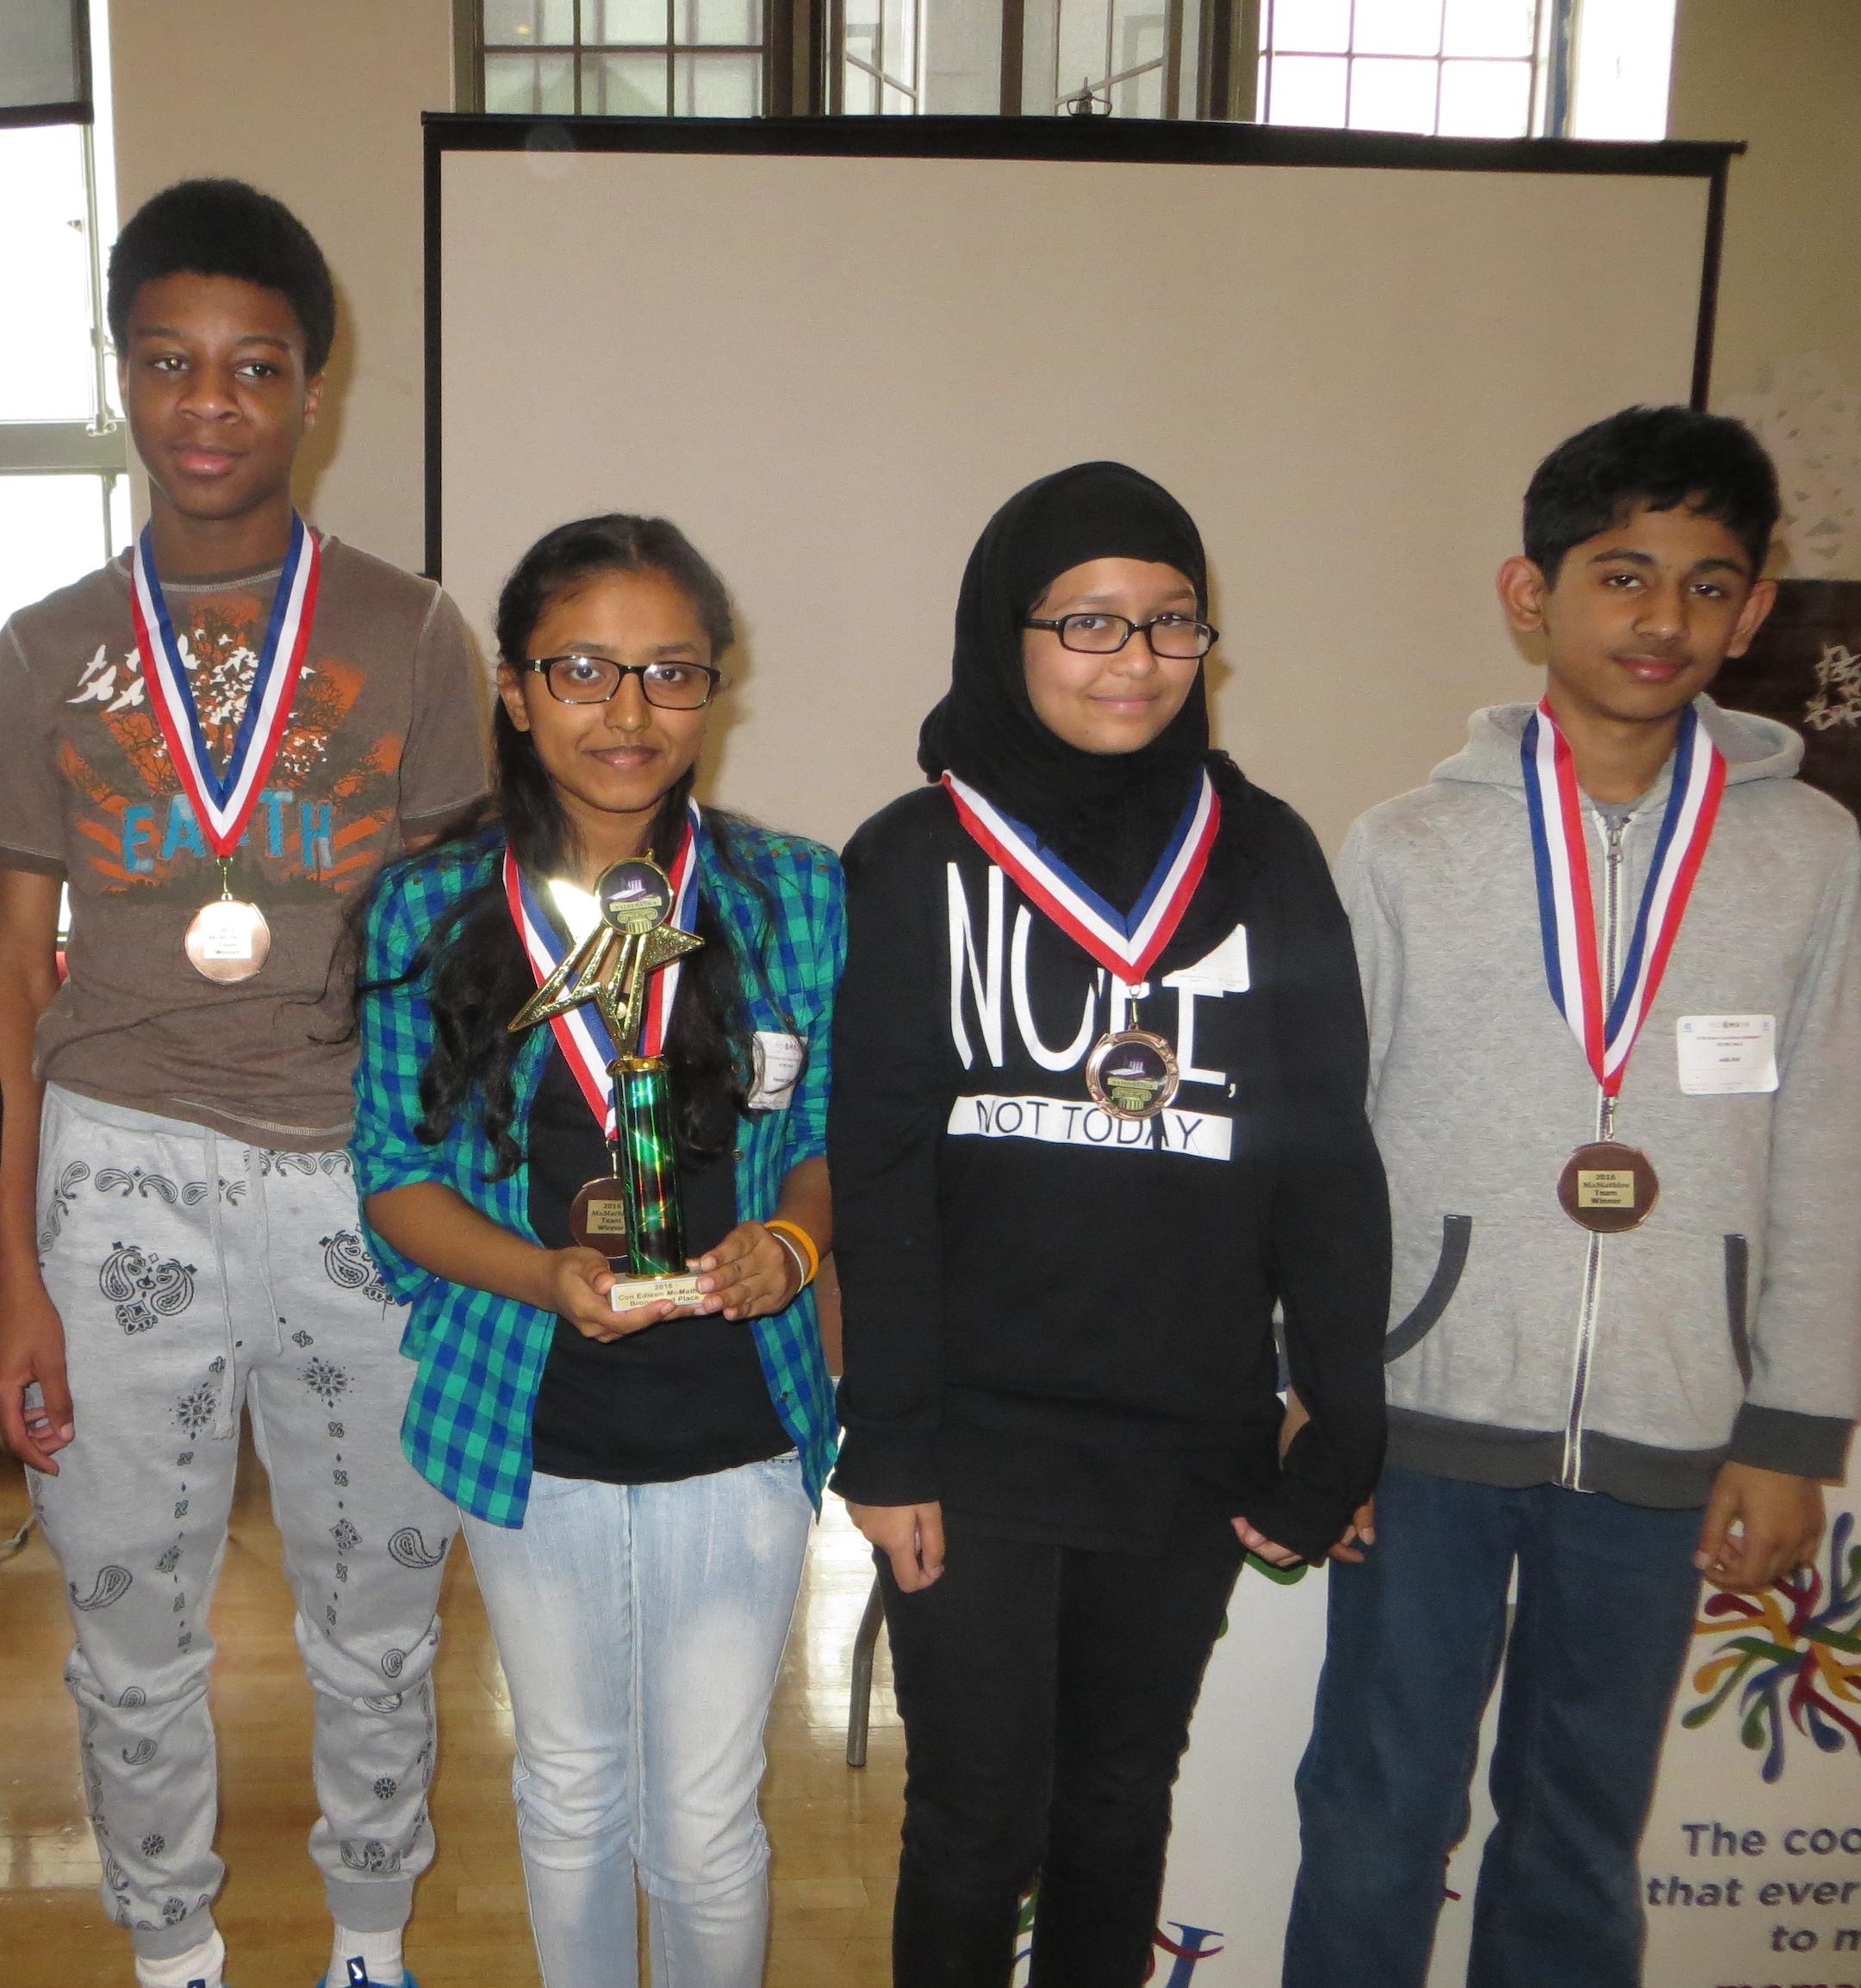 Bronx 2nd place